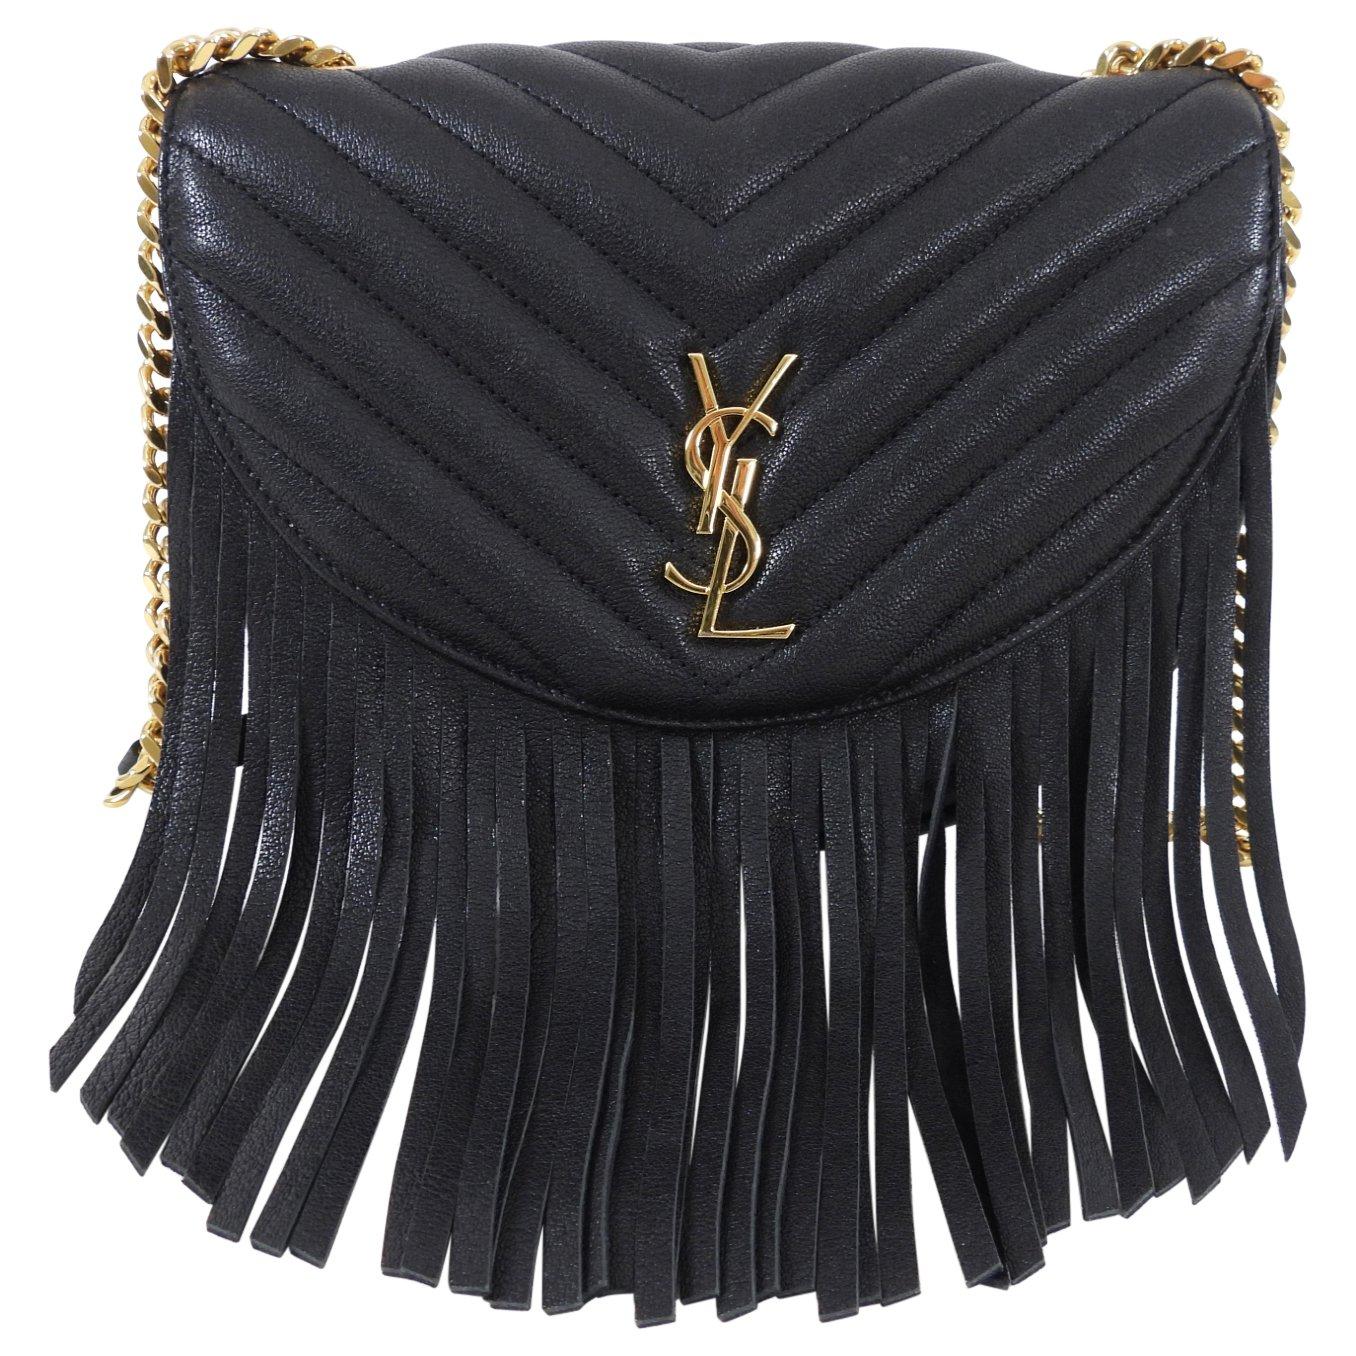 Saint Laurent - Chain Shoulder Bag 1